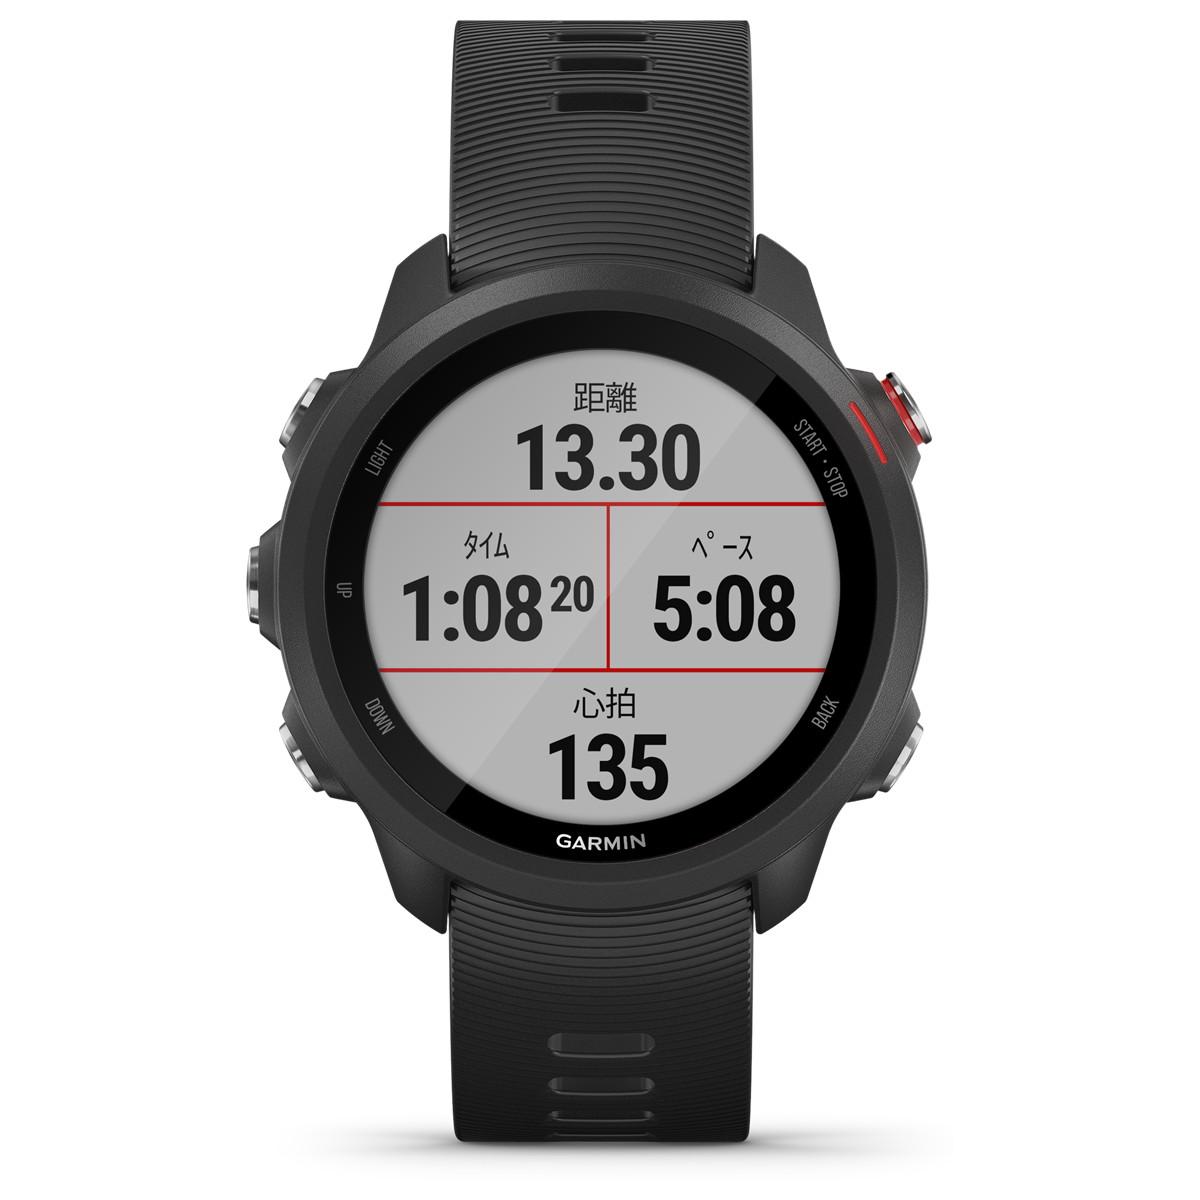 ガーミン GARMIN ForeAthlete 245 Music フォアスリート スマートウォッチ ウェアラブル端末 腕時計 メンズ レディース Black Red 010-02120-70